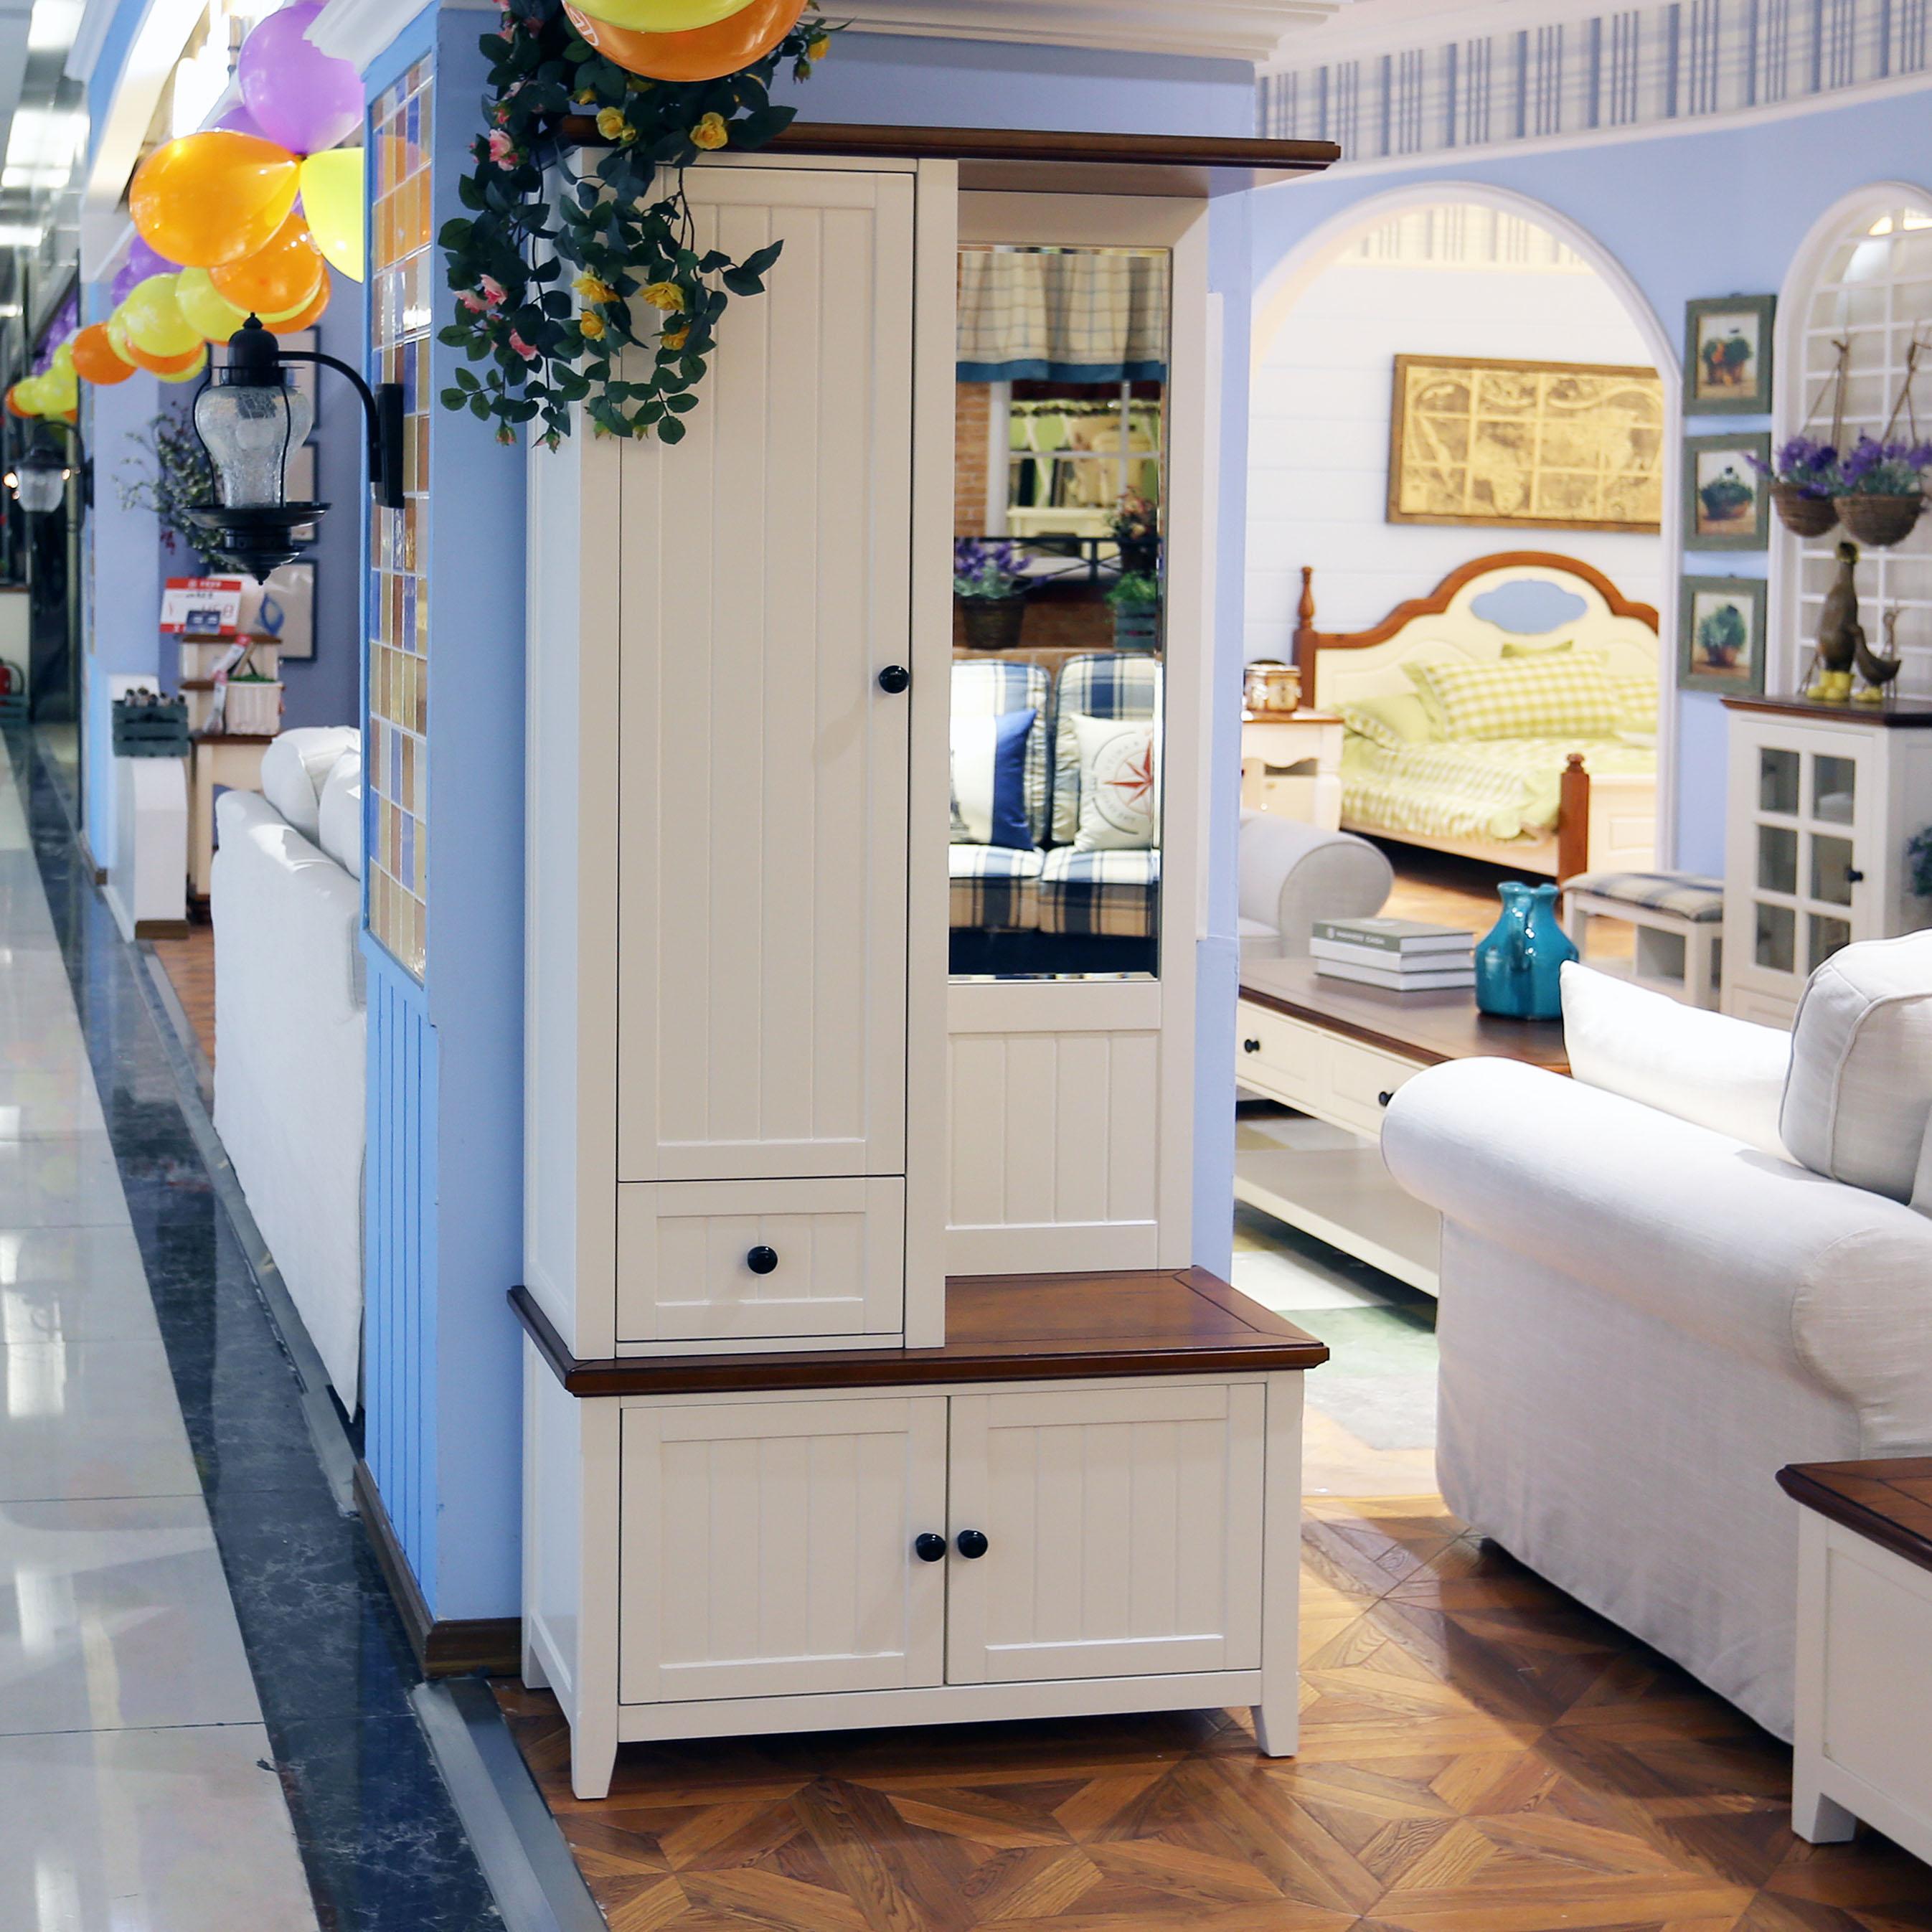 北美枫情美式地中海实木门厅柜换鞋柜 特价穿衣镜门厅换鞋凳图片